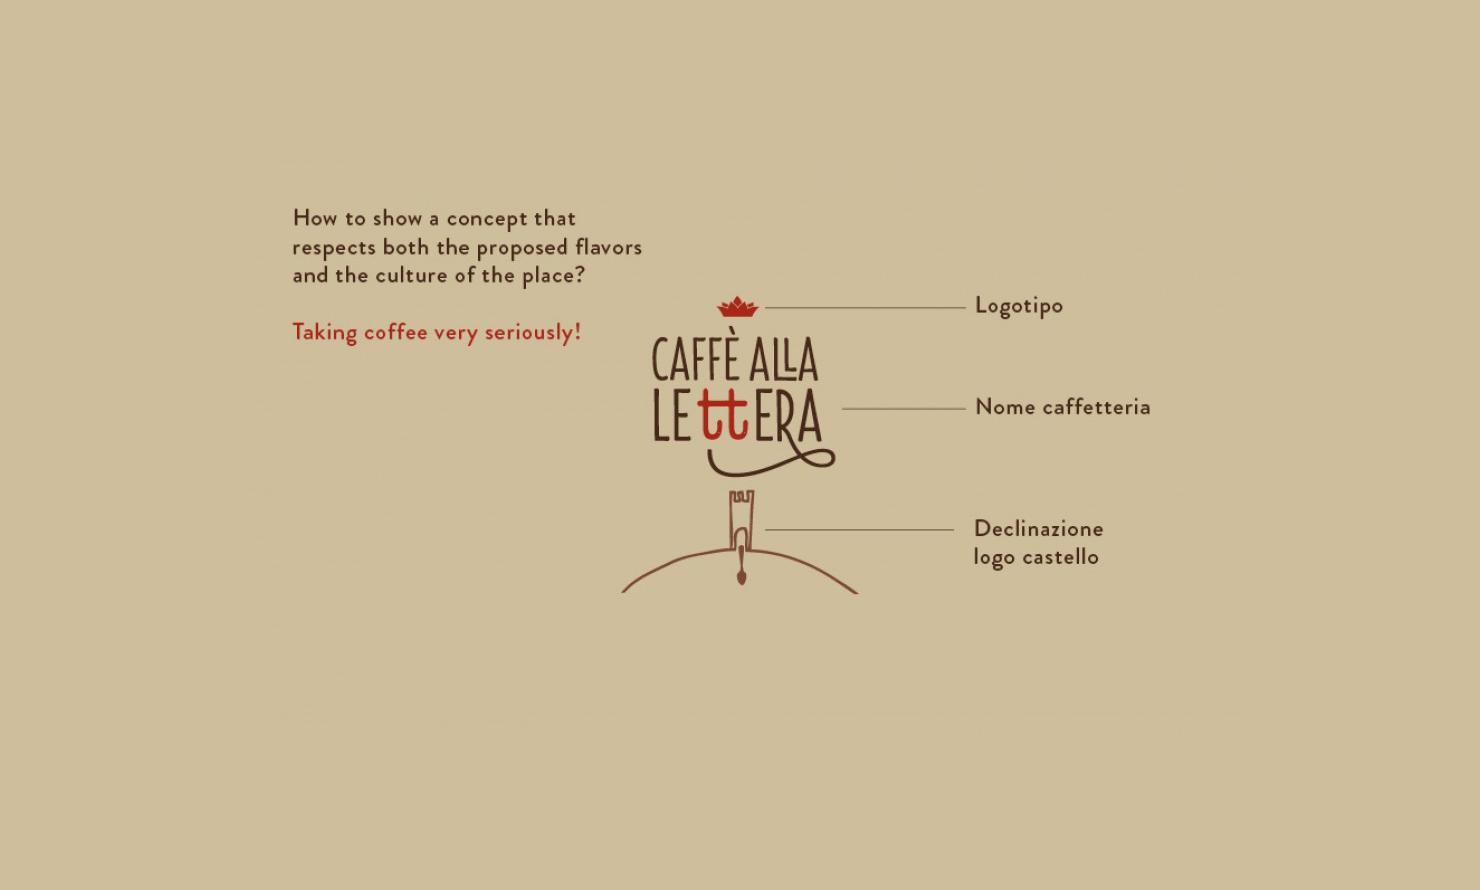 https://kubelibre.com/uploads/Slider-work-tutti-clienti/manital-vistaterra-caffè-alla-lettera-la-caffetteria-di-vistaterra-3.jpg